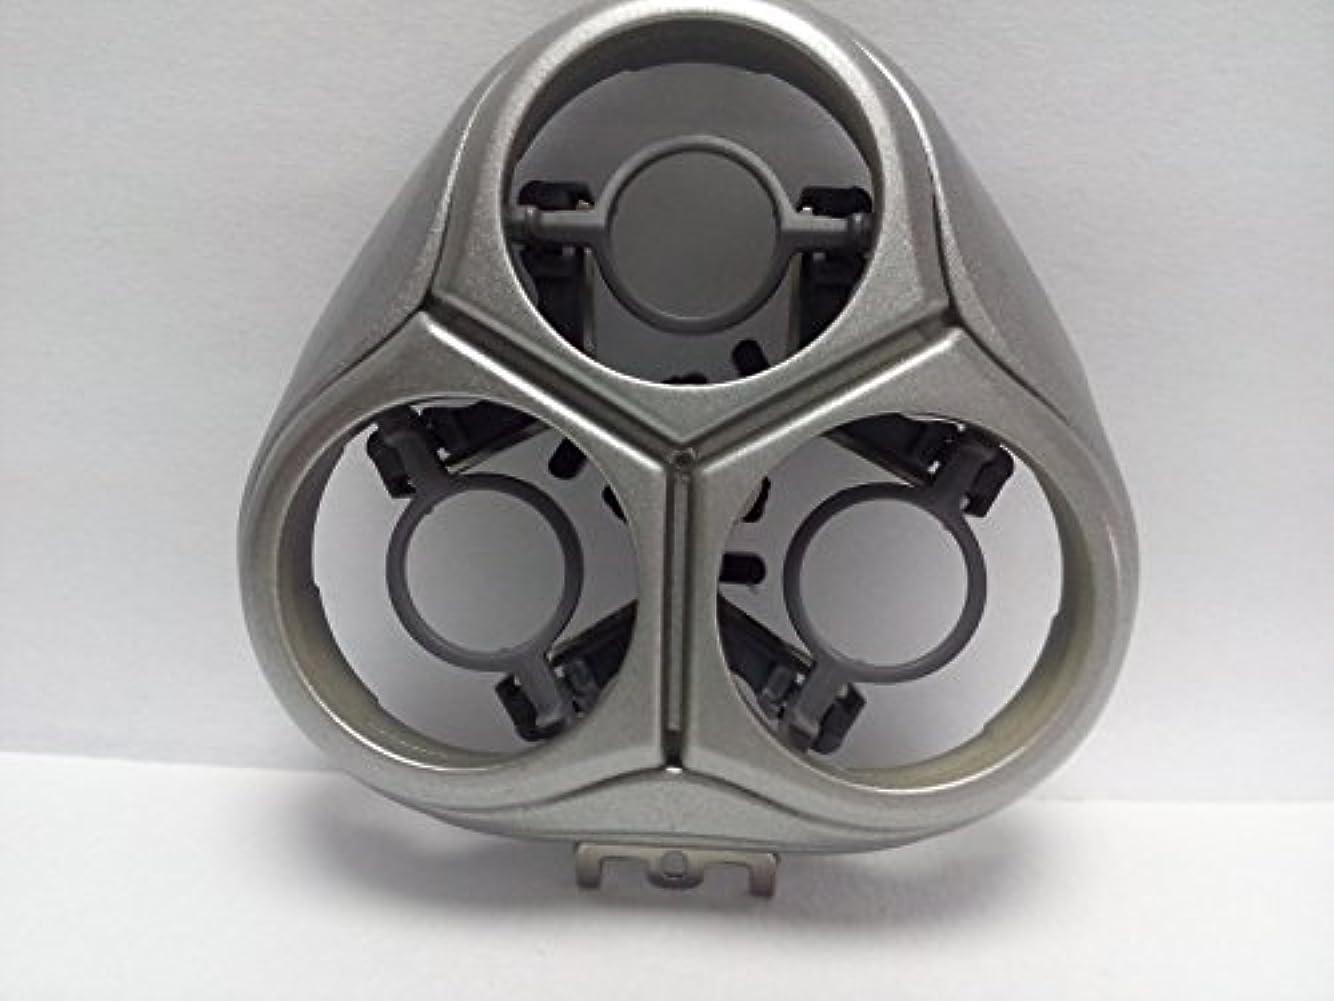 庭園ロッジ喜ぶシェービングカミソリヘッドフレームホルダーカバー ブレードフレーム For Philips Norelco HQ8200 HQ8230 HQ8261 HQ8241 HQ8251 Shaver Razor Head blade...